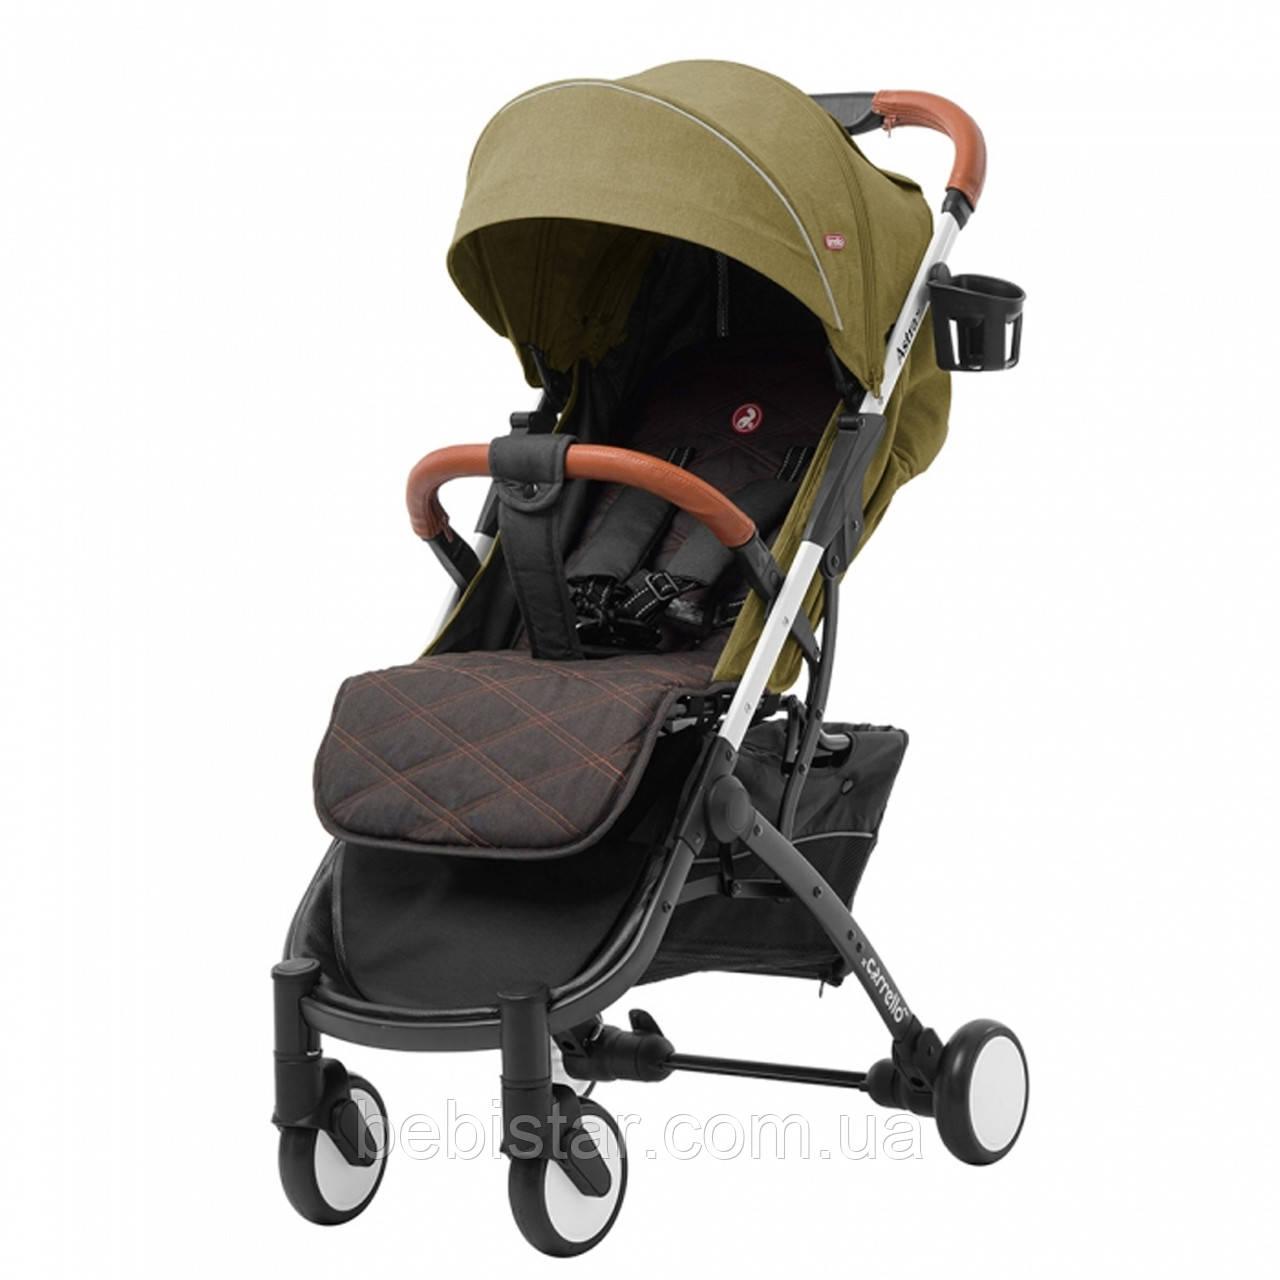 Прогулочная летняя детская коляска с сумкой москитной сеткой и дождевиком зеленая CARRELLO Astra Jungle Green